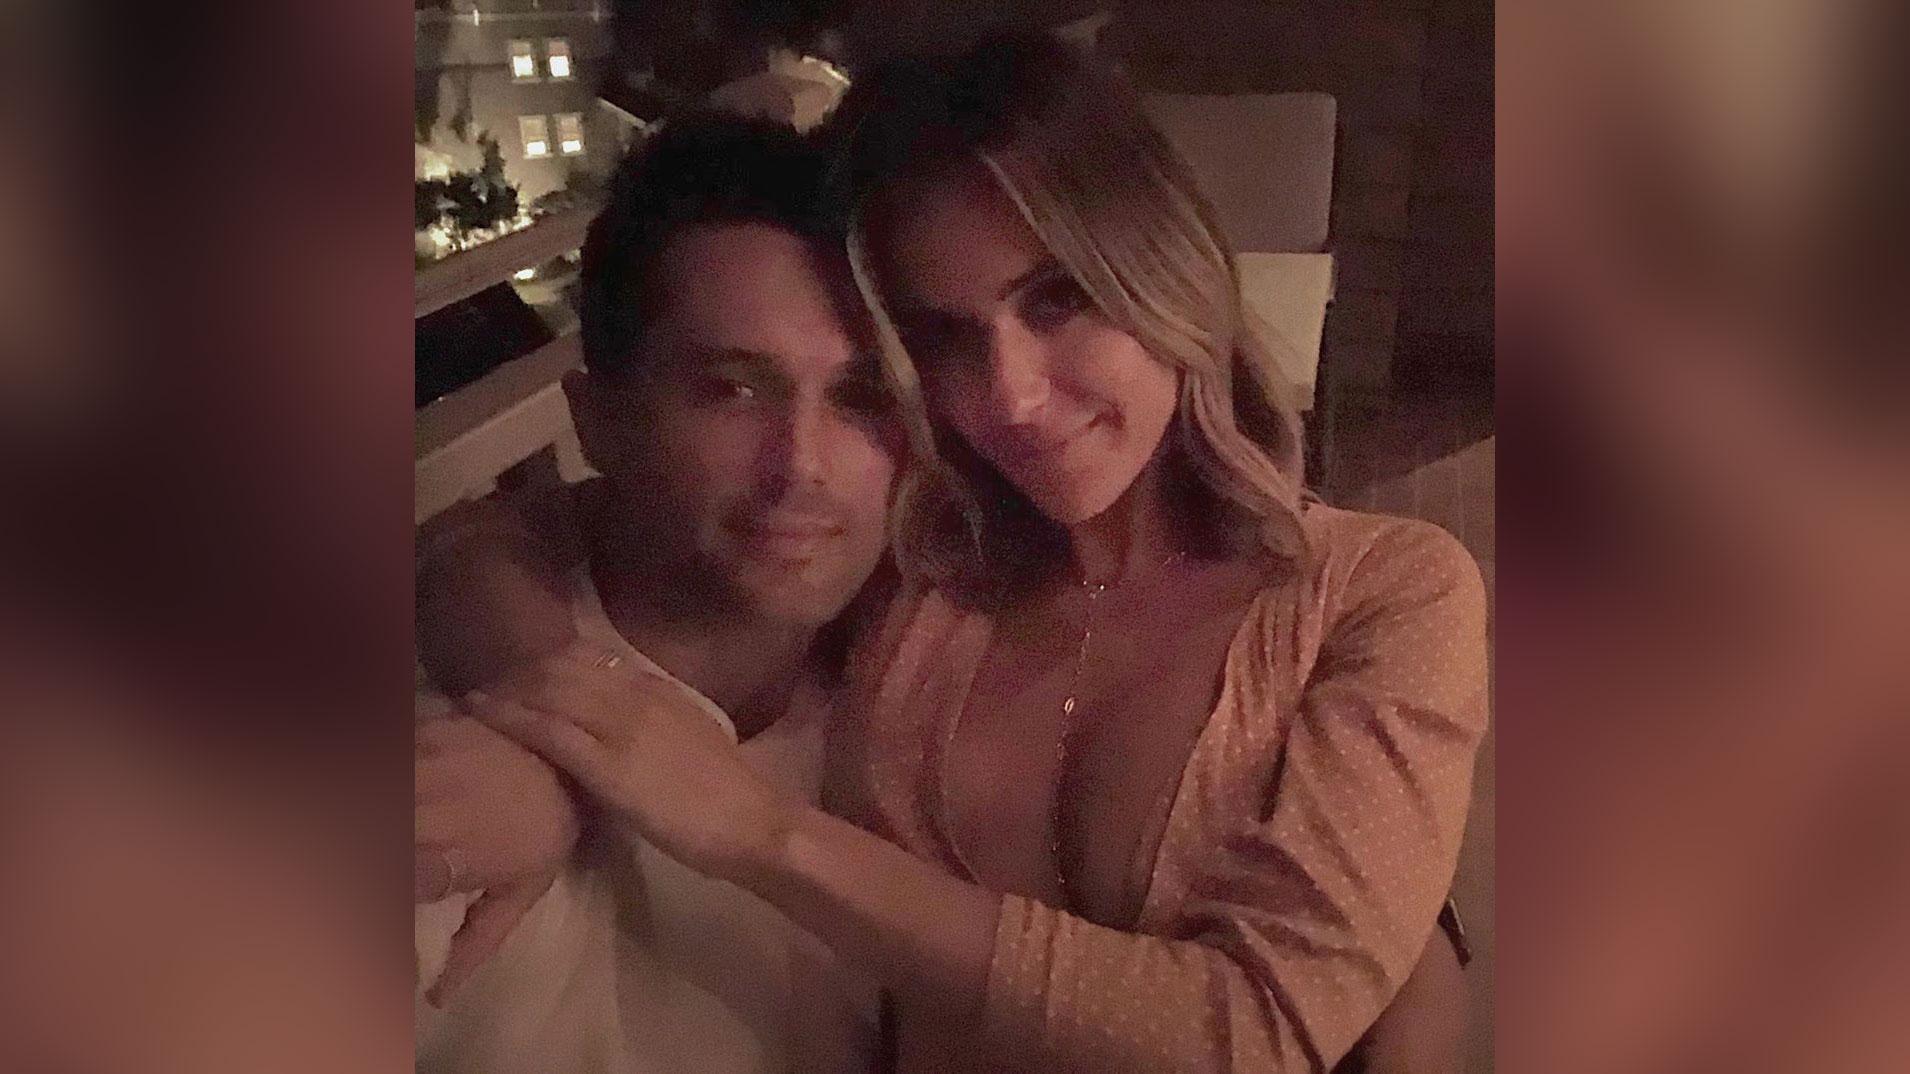 Kristin Cavallari reunites with ex, Stephen Colletti, for a pic